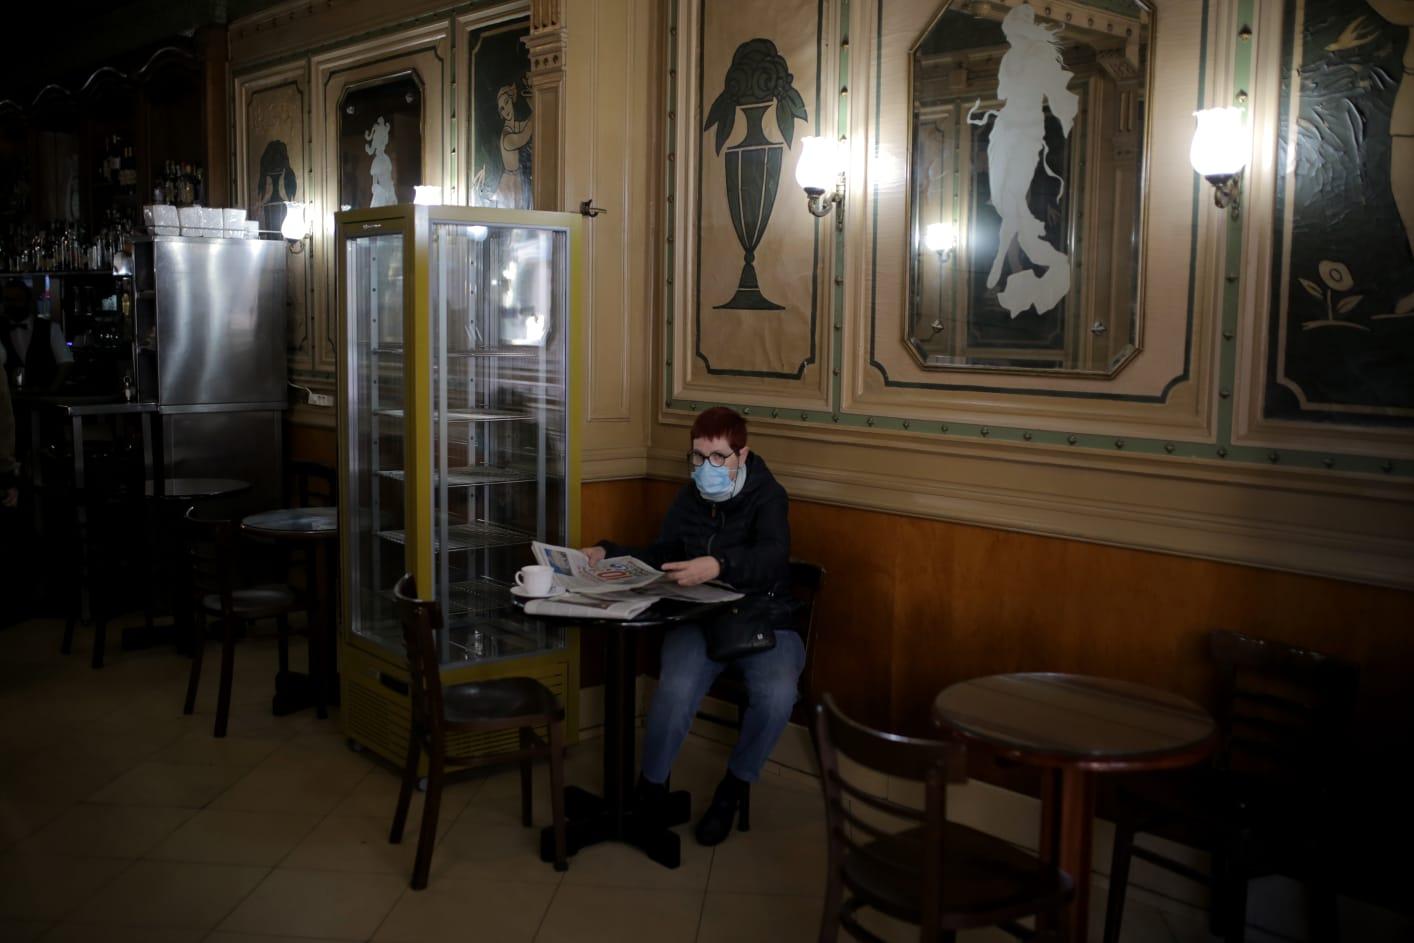 Cataluña cierra bares y restaurantes durante 15 días — Listin Semanal